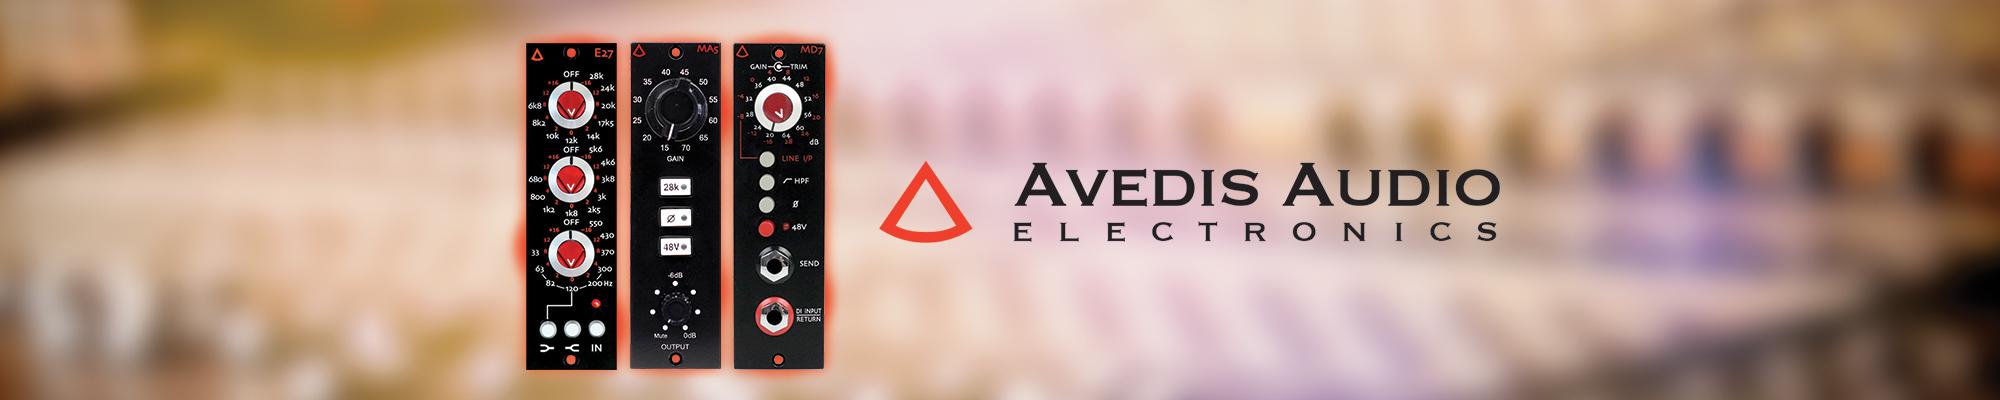 Avedis Audio